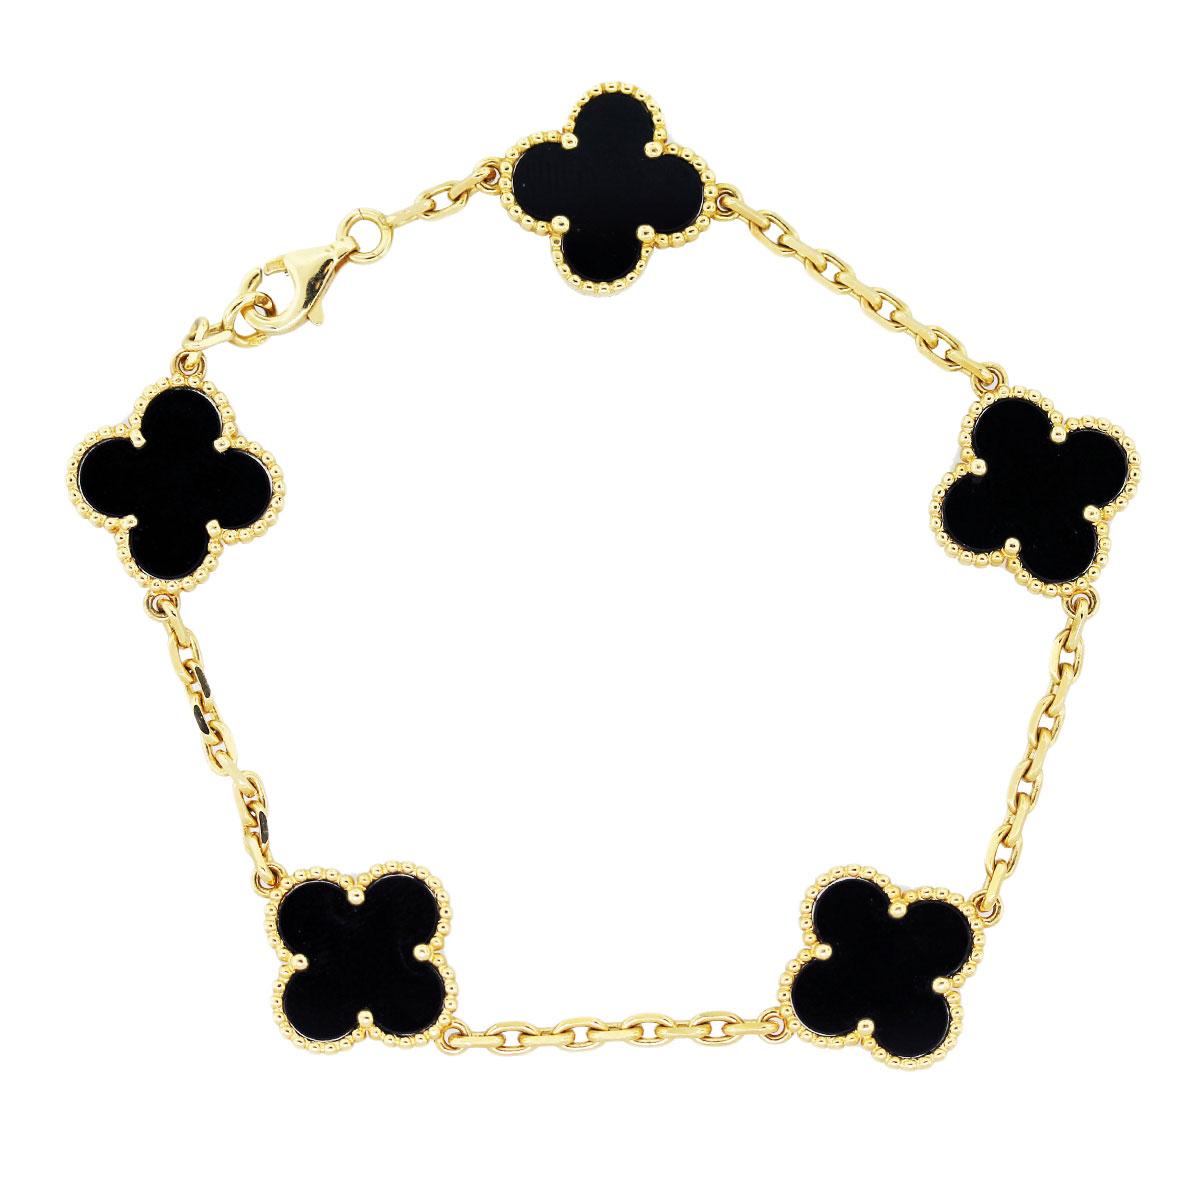 Alhambra bracelet by Van Cleef